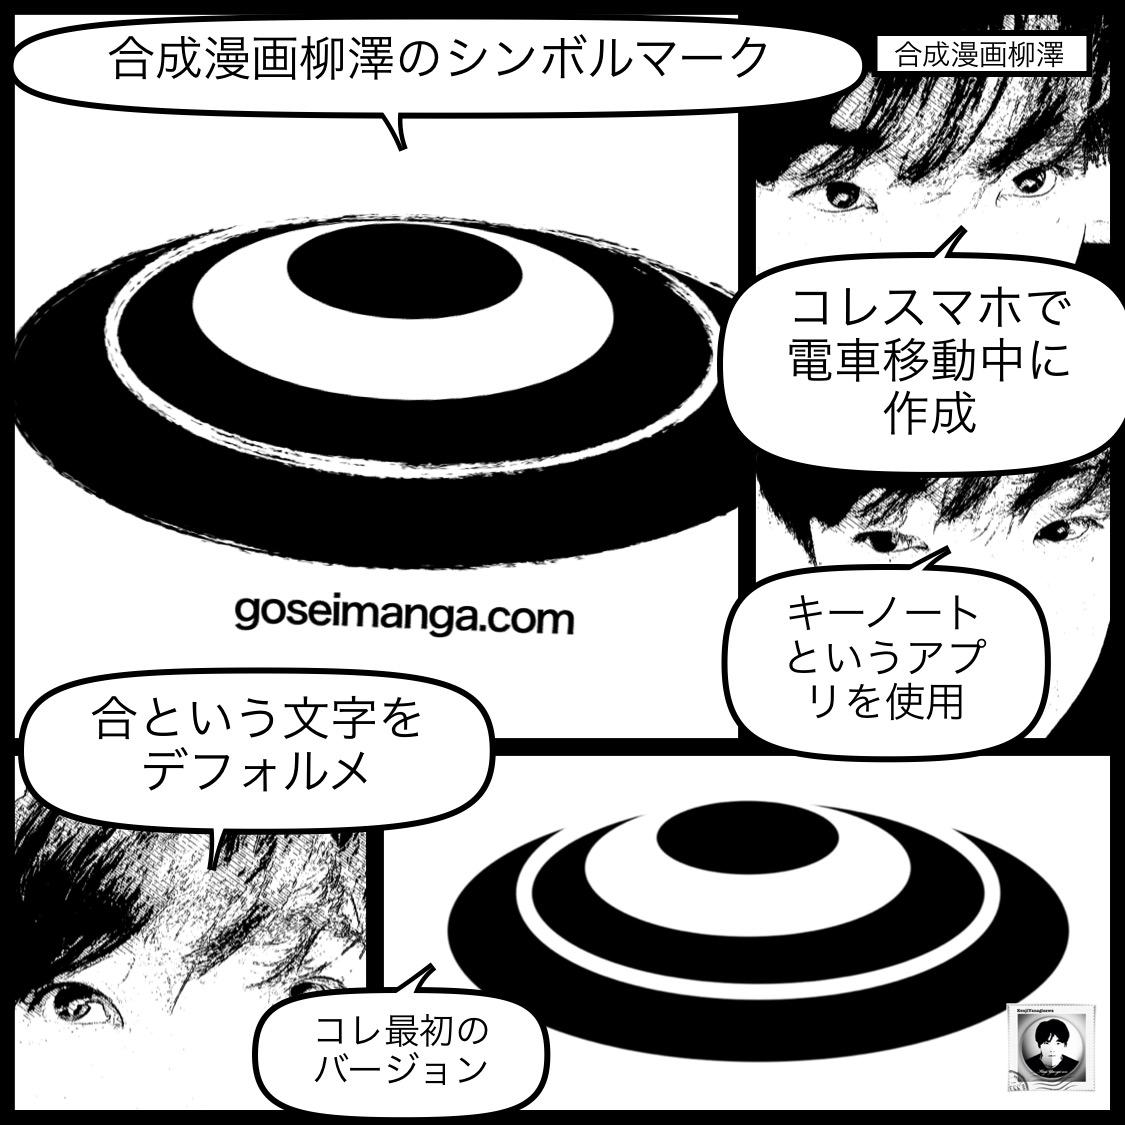 シンボルマーク作成:合成漫画柳澤